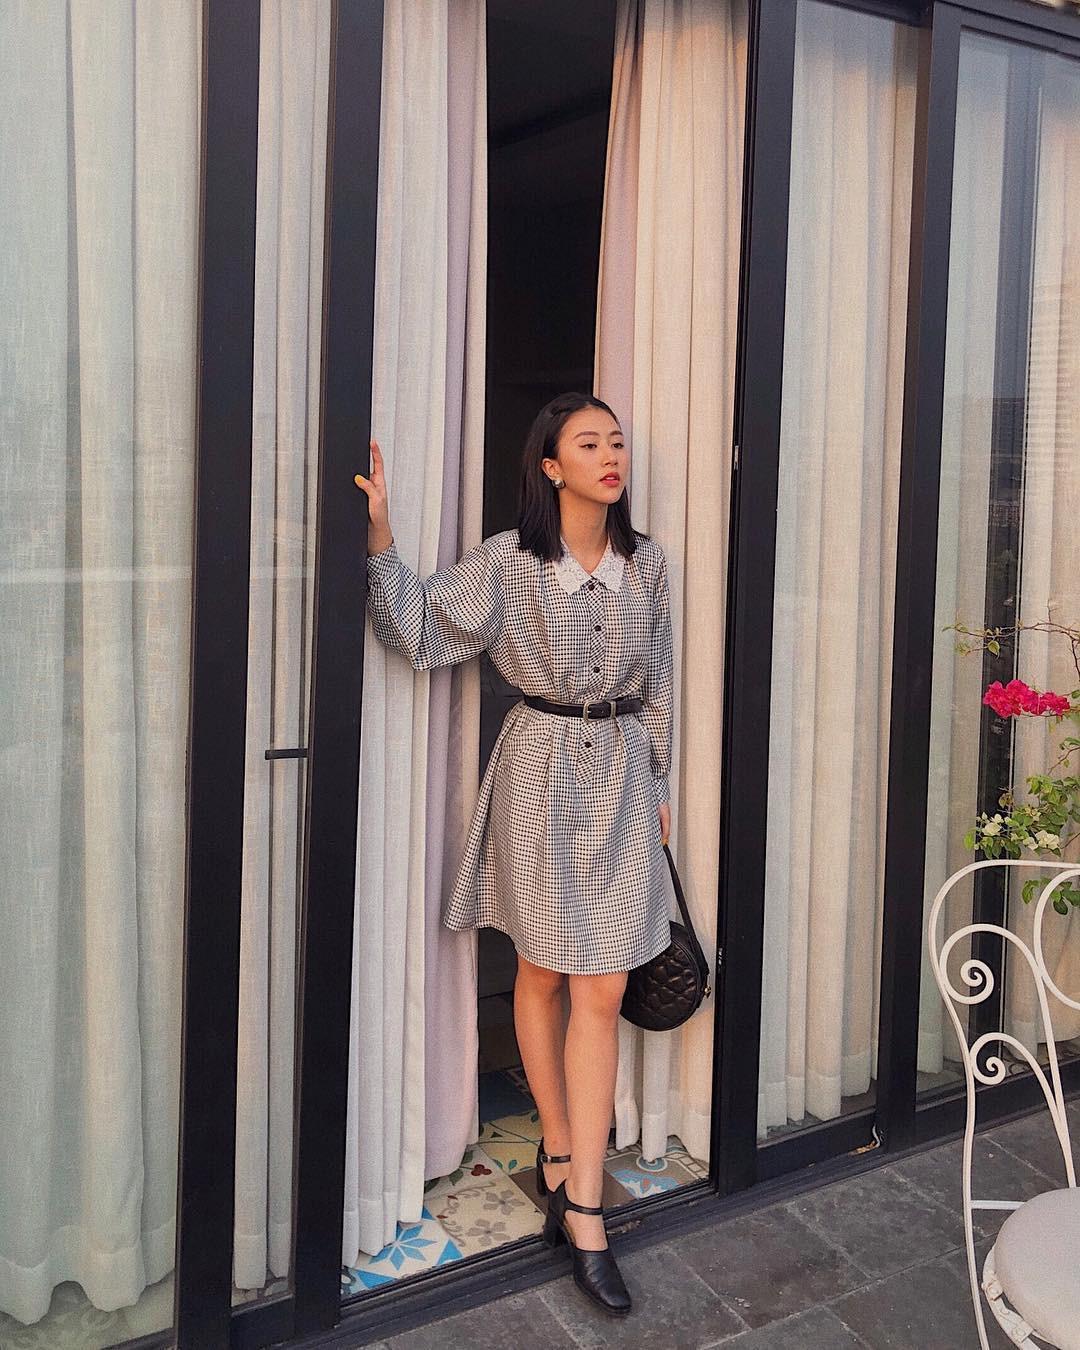 Quỳnh Anh Shyn - từ hot girl Hà thành đến fashionista có style độc lạ Ảnh 11